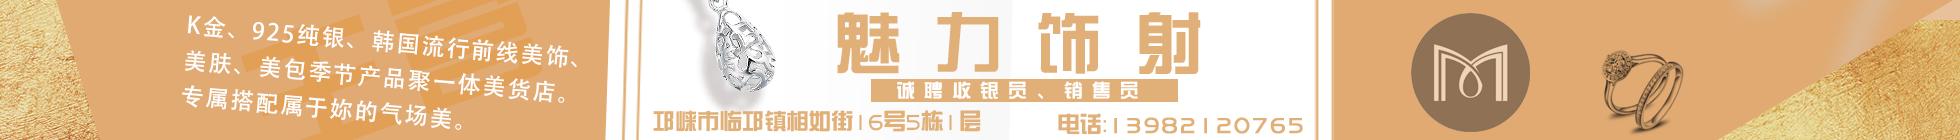 邛崃市临邛镇魅力饰品店